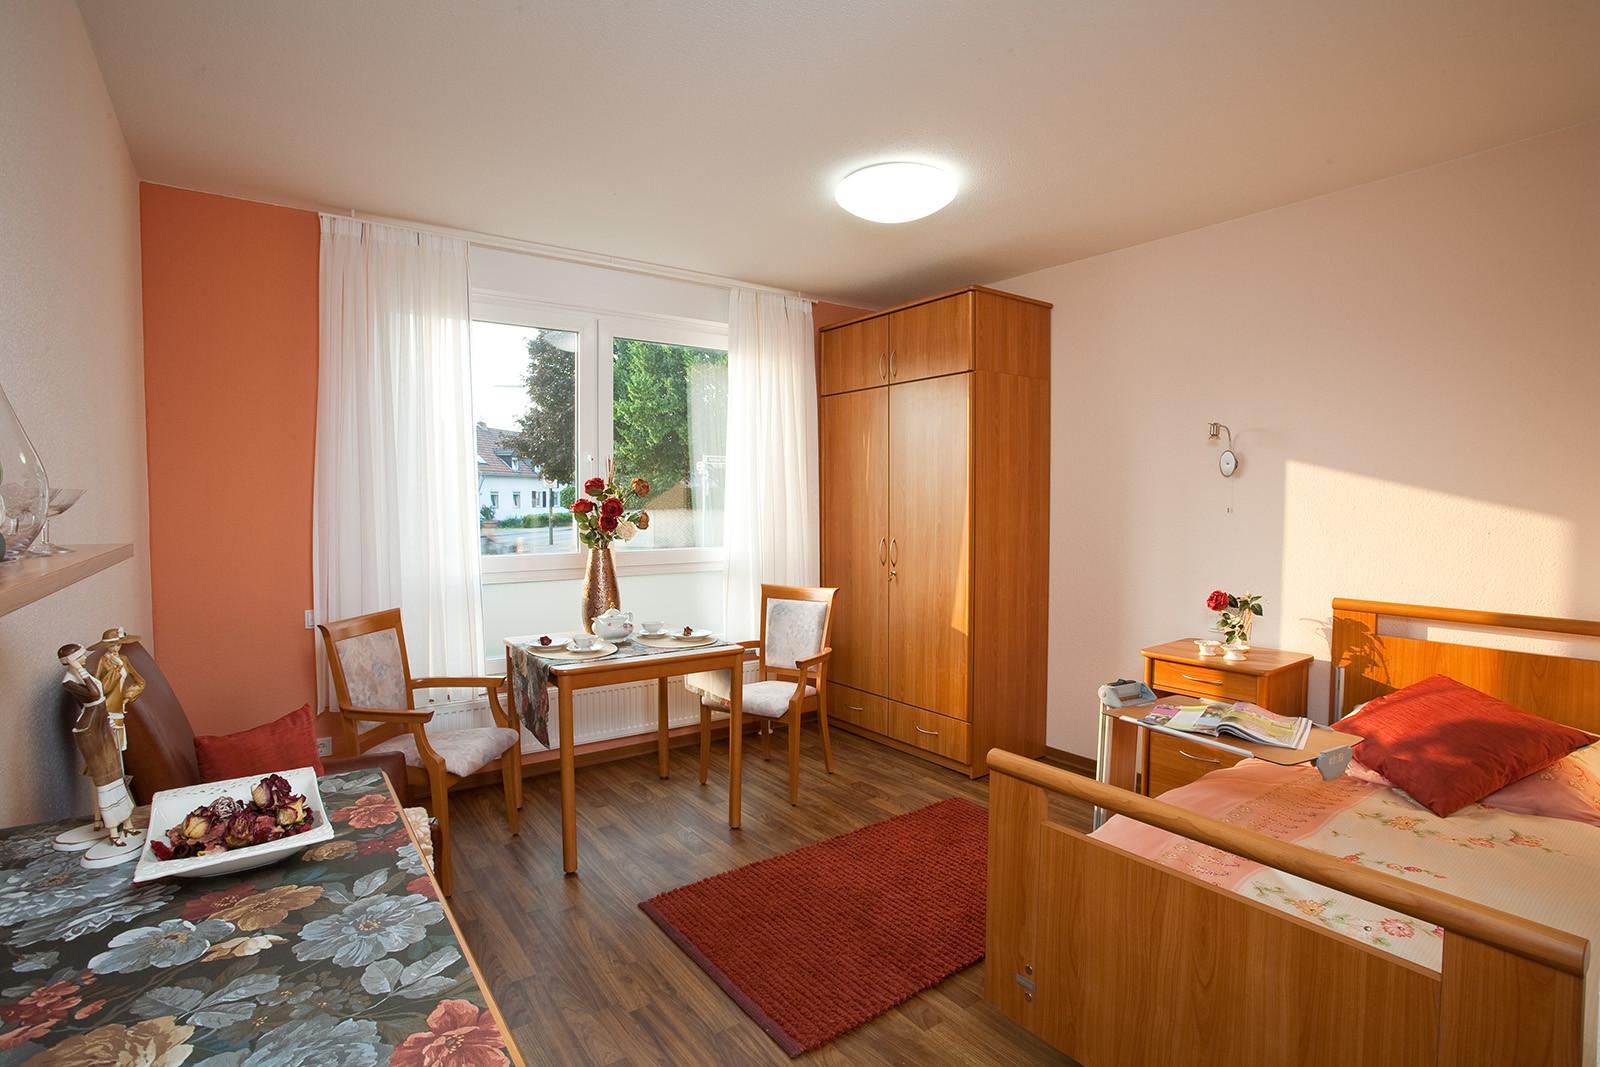 zentrum f r betreuung und pflege st hedwig d sseldorf in. Black Bedroom Furniture Sets. Home Design Ideas